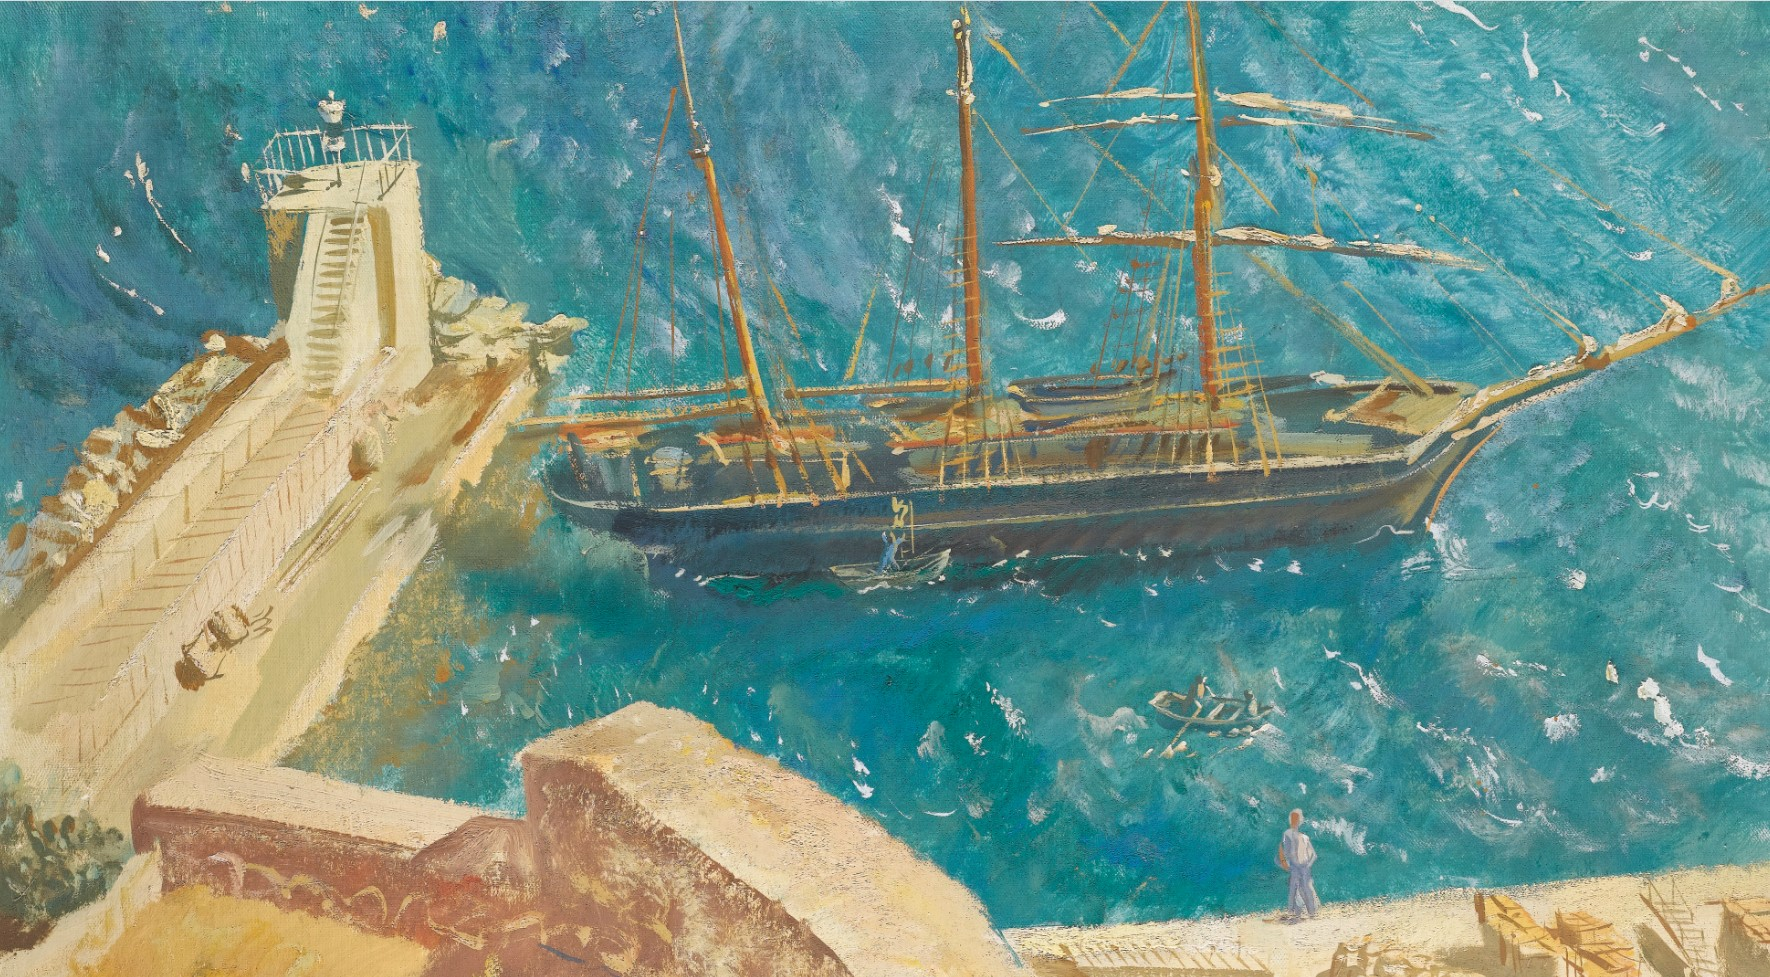 Alexander Yakovlev художник Яковлев картина вид на порт Кальви пейзажи Альберт Сафиуллин